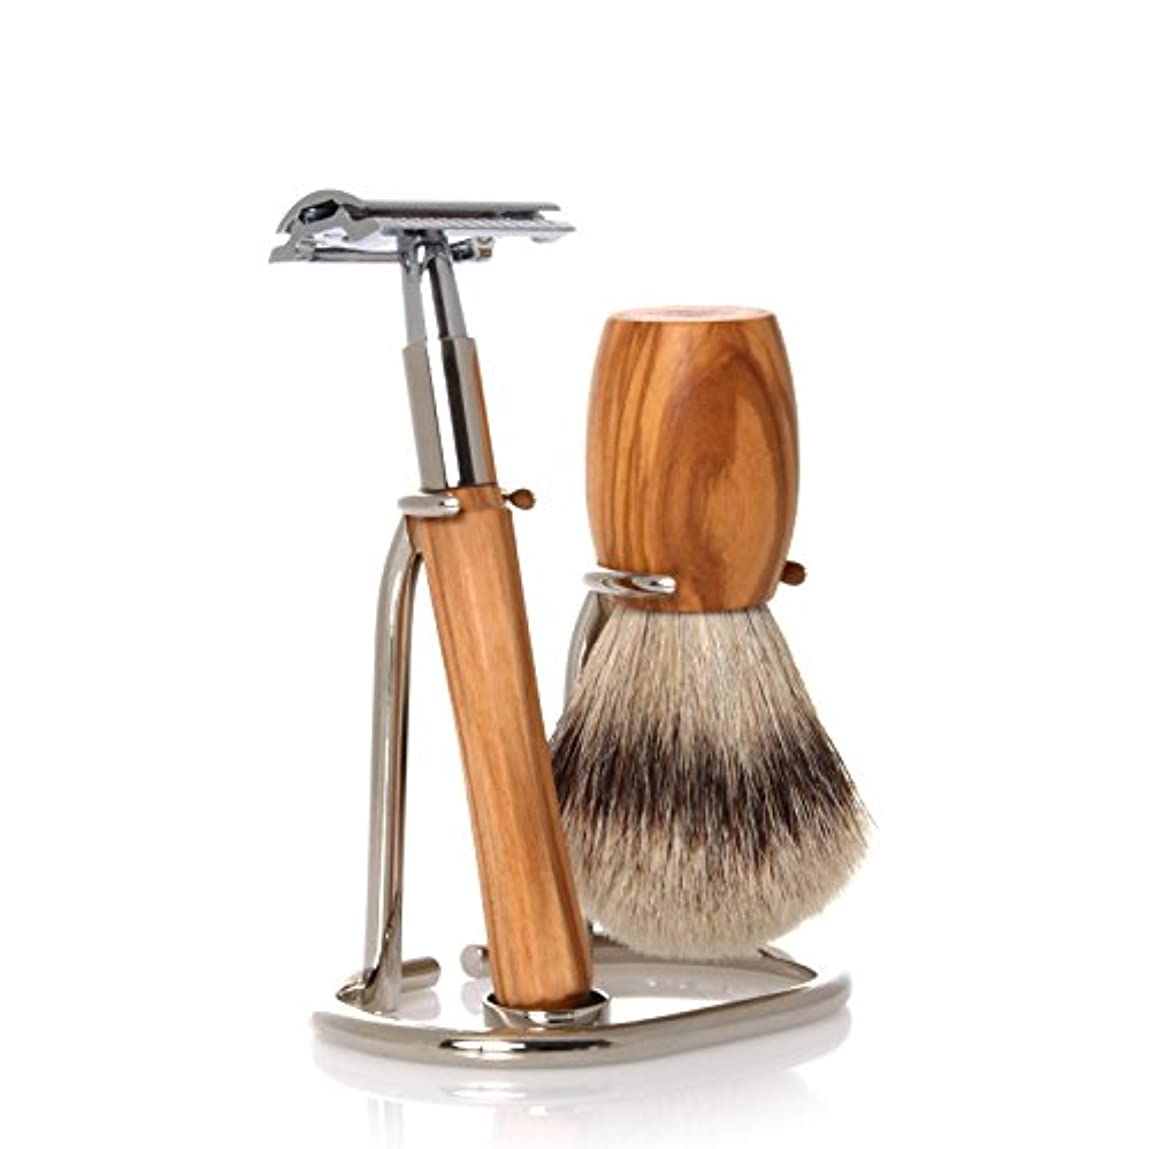 冗談でバンド濃度GOLDDACHS Shaving Set, Safety razor, Silvertip, olive wood